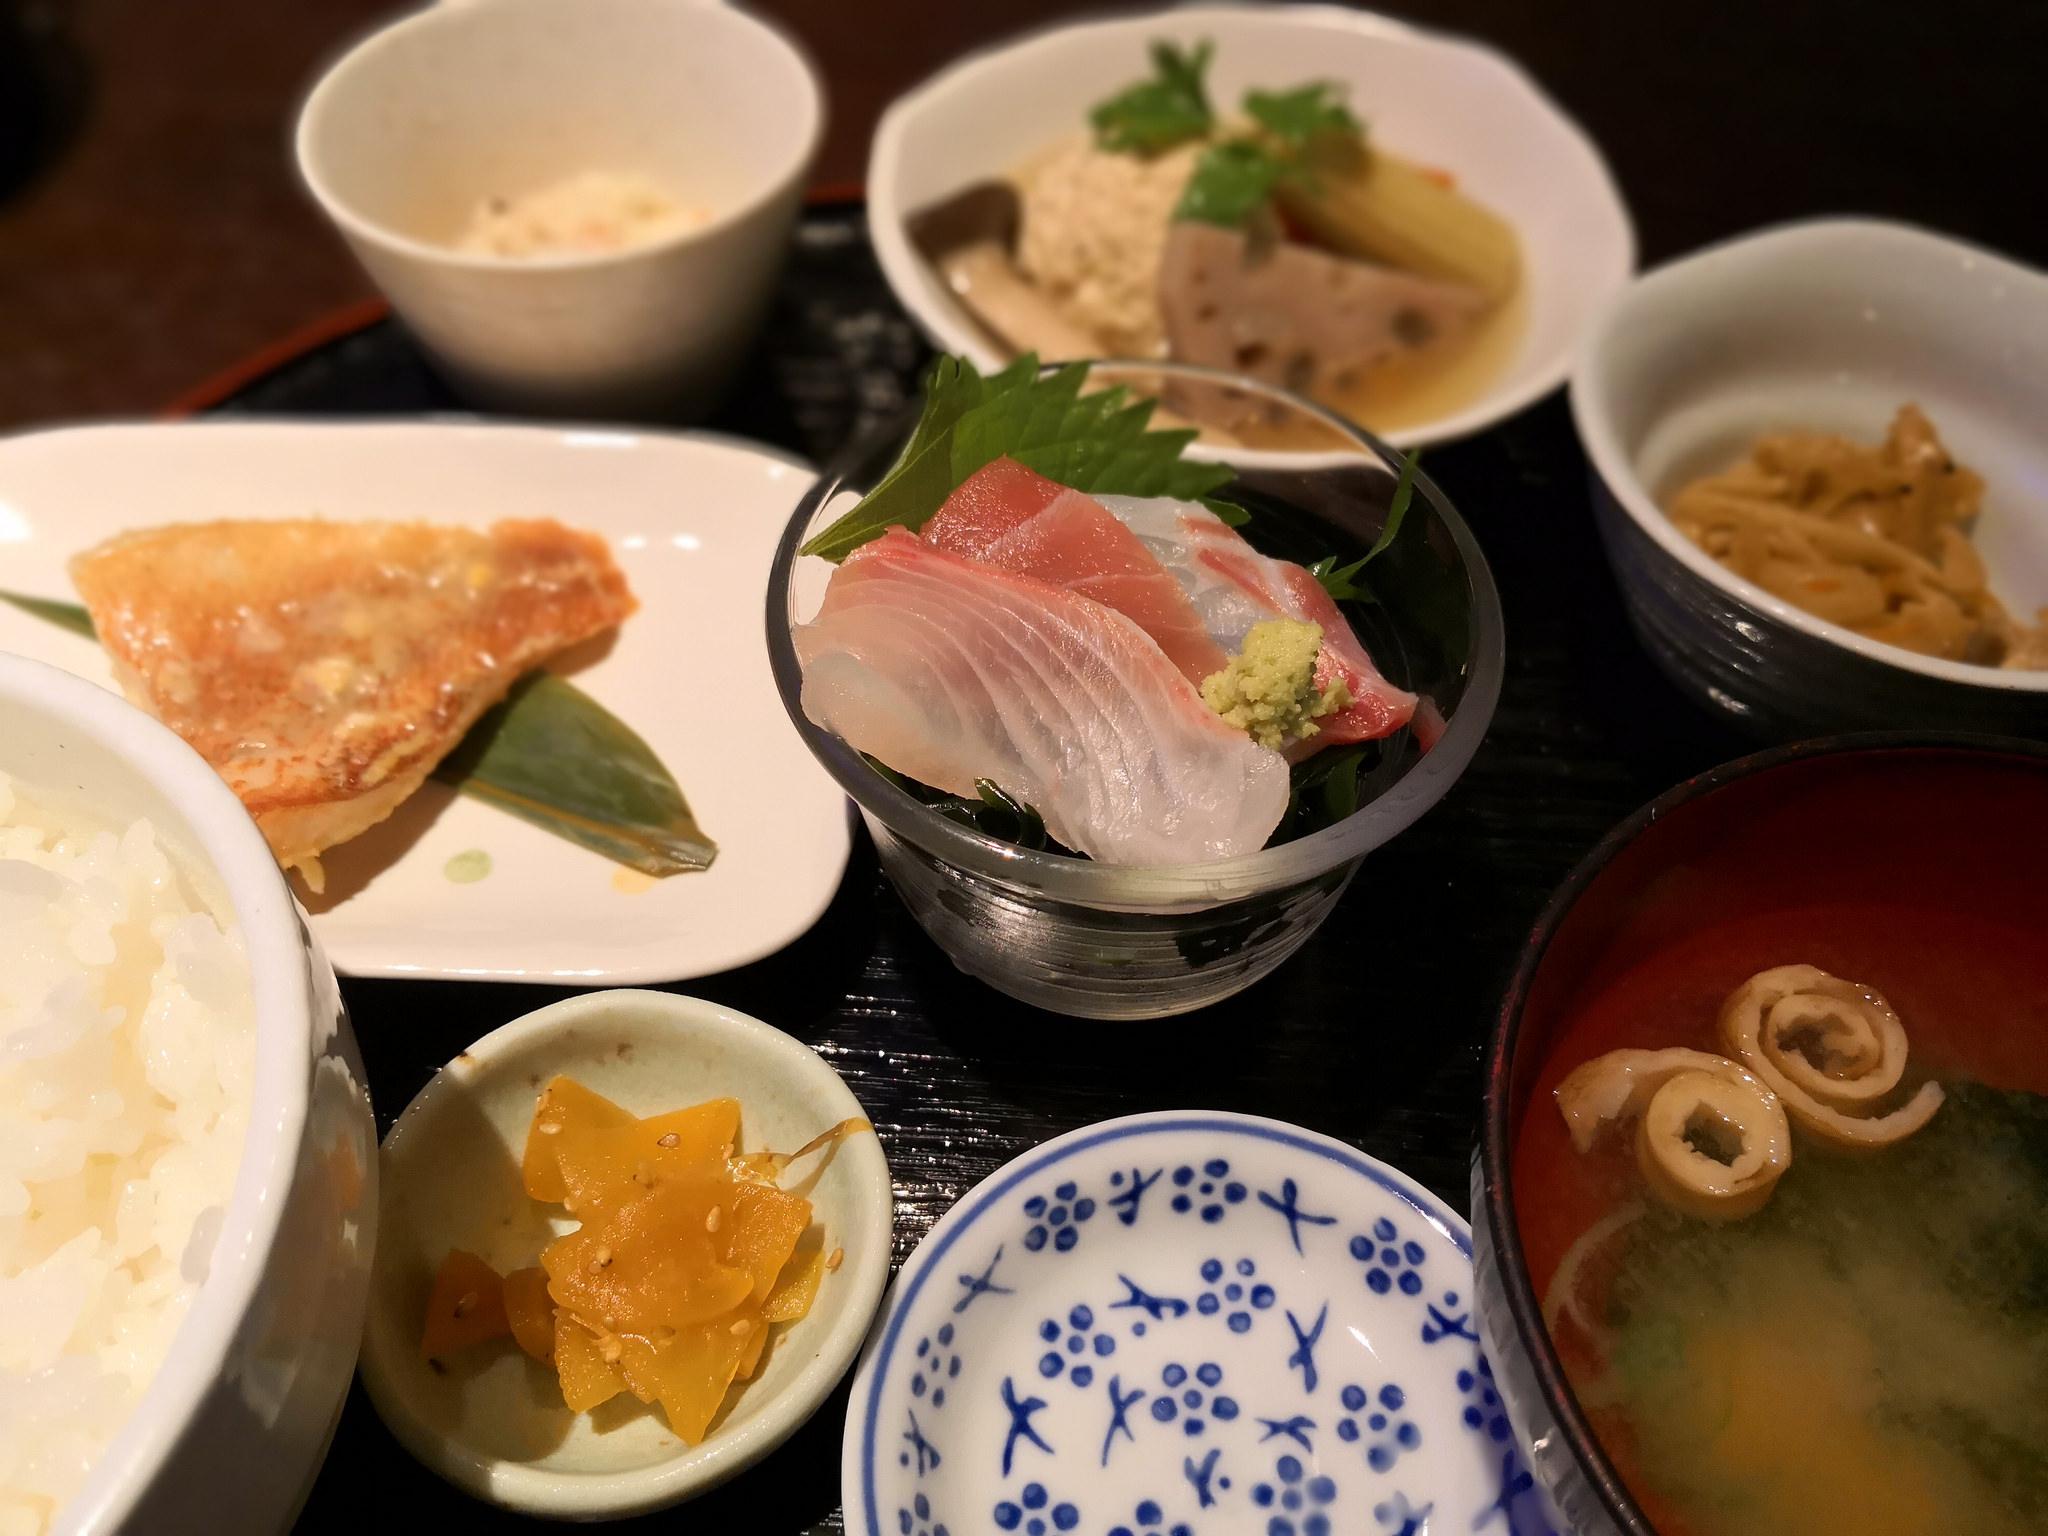 【五反田】Repas de Naoshima@和食ランチNo.1!素材の良さと小鉢の多さ料理の丁寧さとどれも満足。